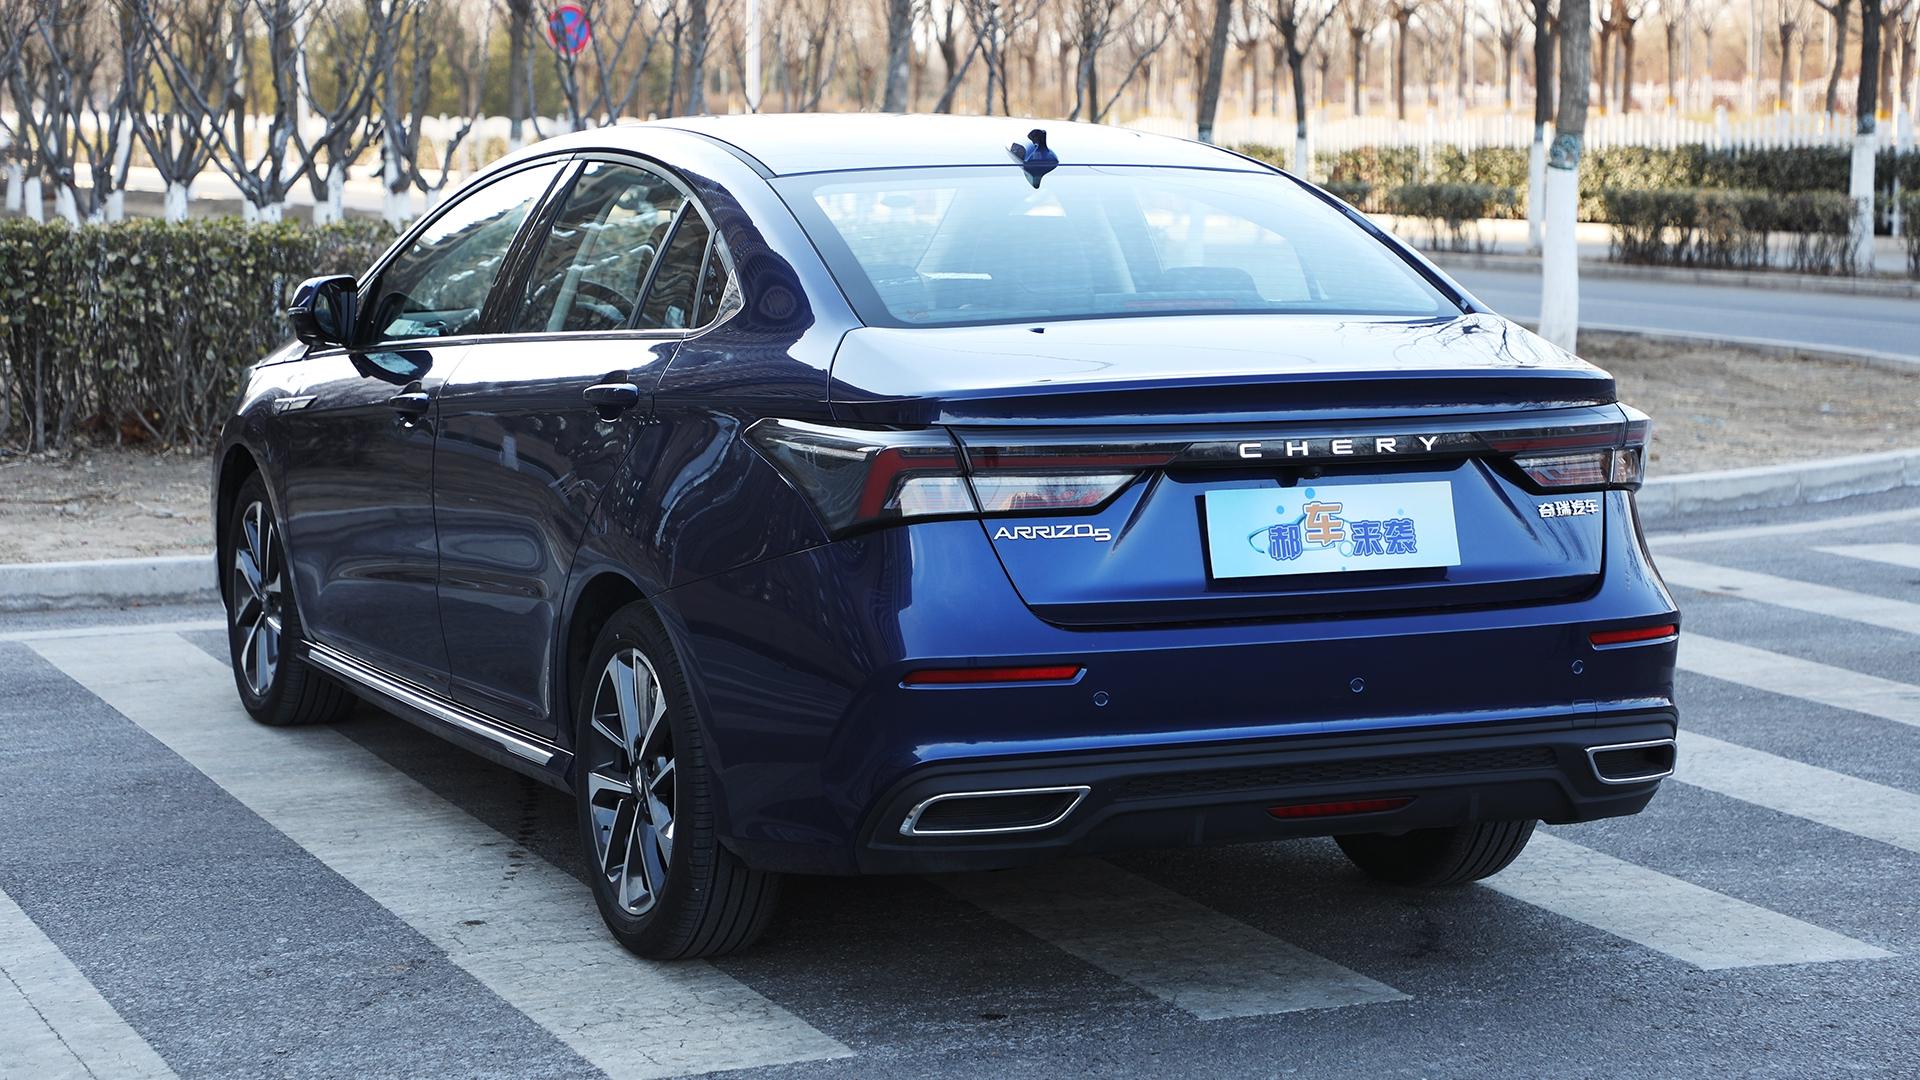 视频:新车全系优惠5000元,顶配10.64万能落地,艾瑞泽5 PLUS购车指南